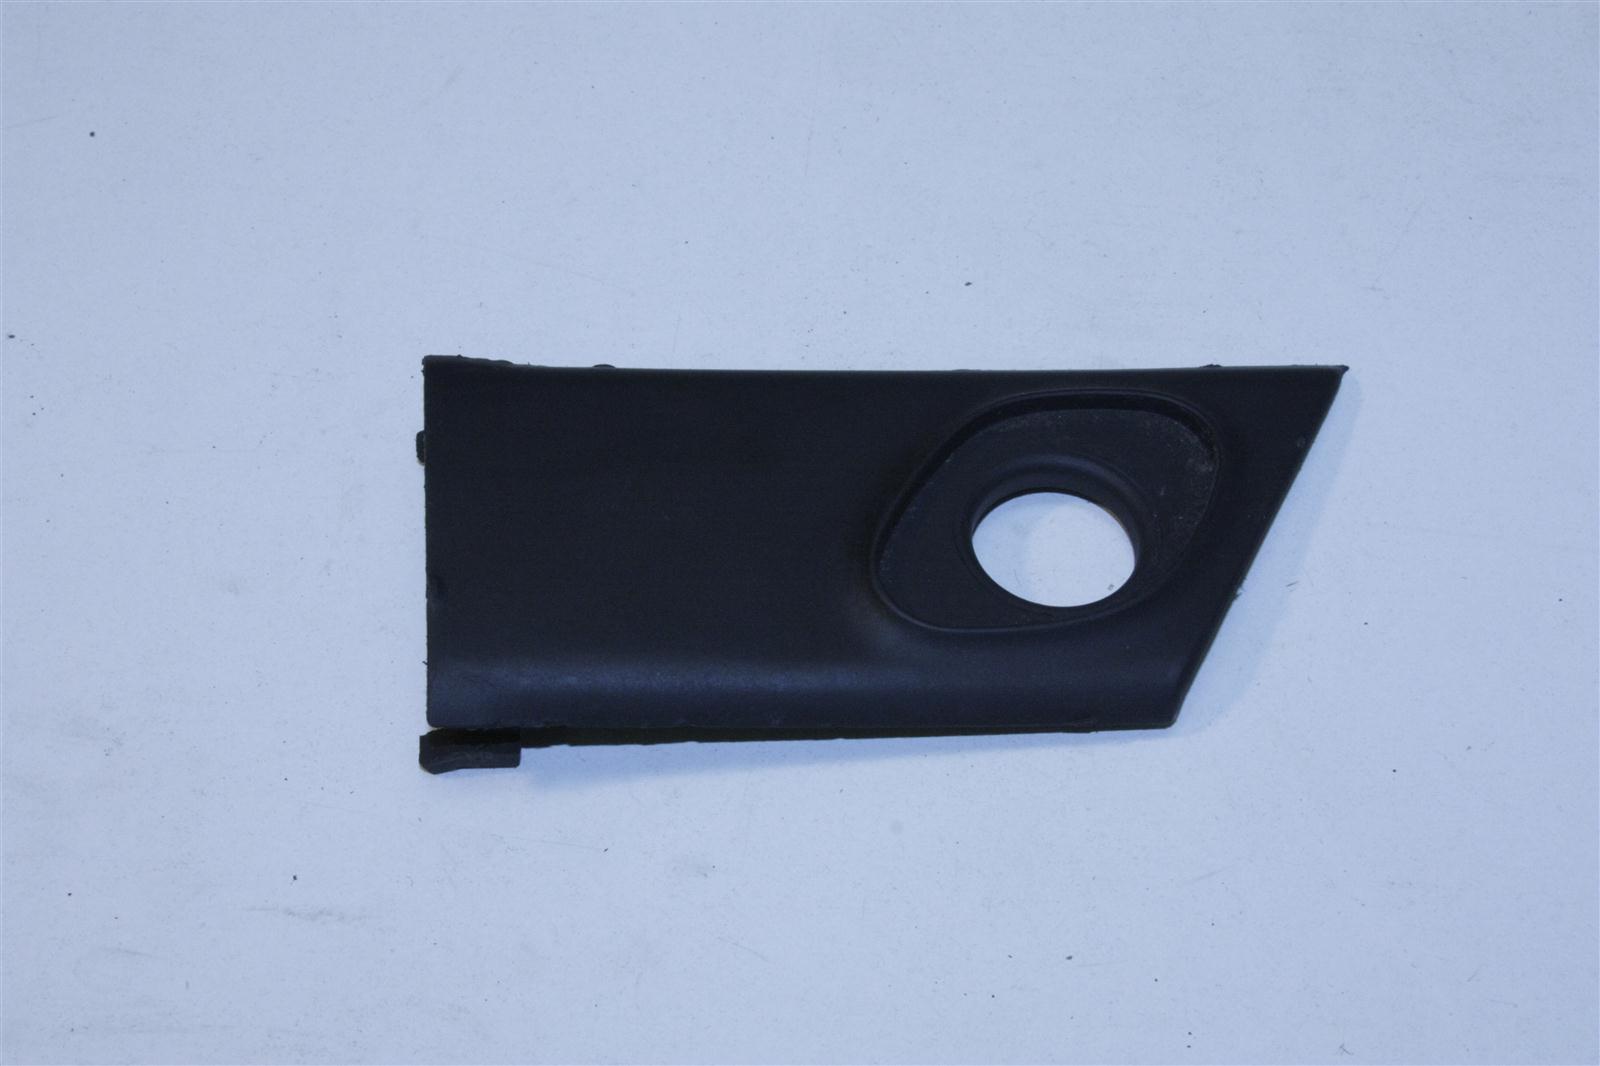 Audi 100/A6 C4 Blende Innenbetätigung  Vorne Links schwarz 4A0837247